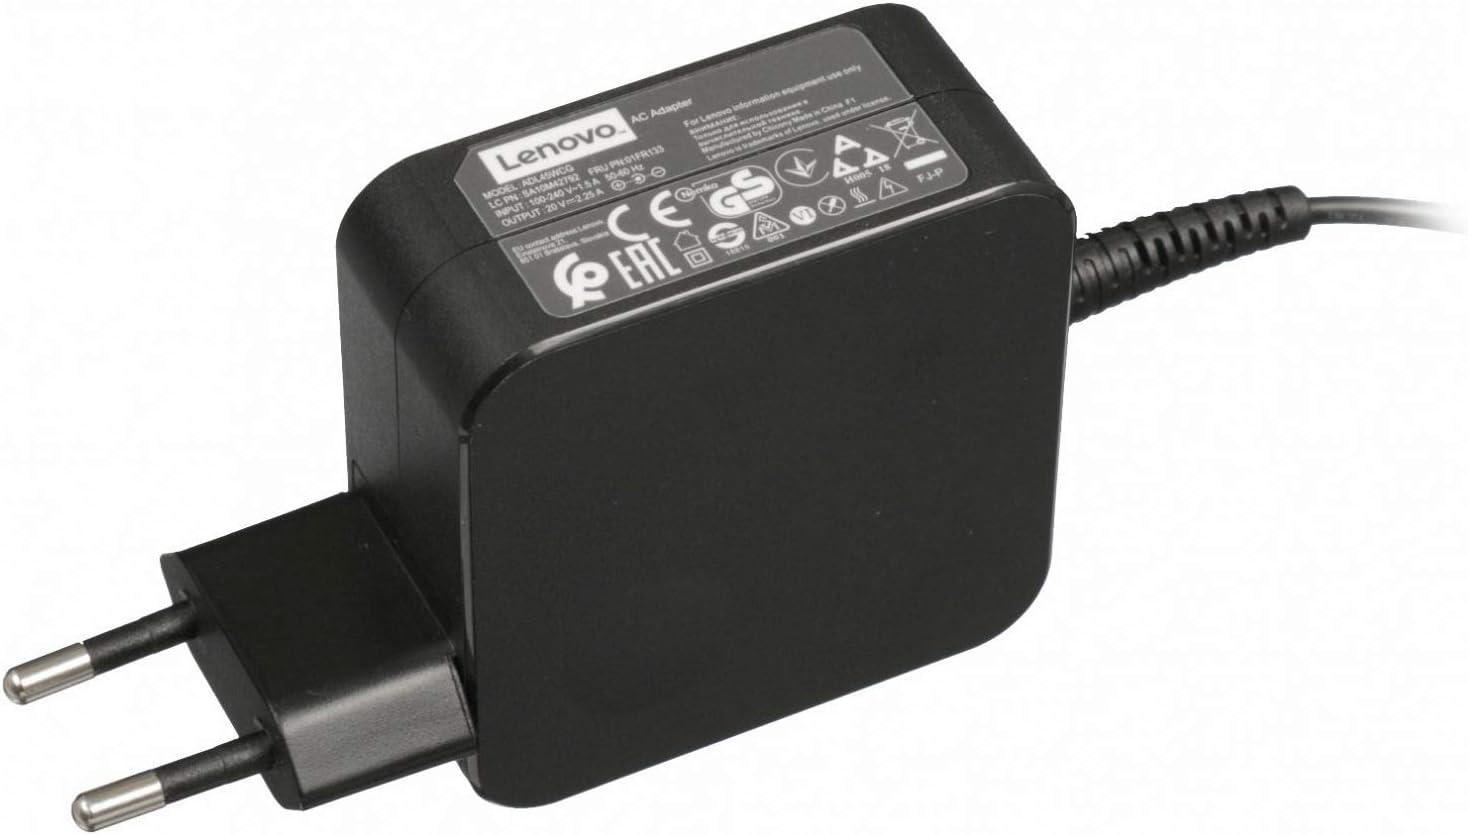 Lenovo Cargador 45 vatios EU wallplug Original para la série IdeaPad 110-15ISK (80UD): Amazon.es: Electrónica